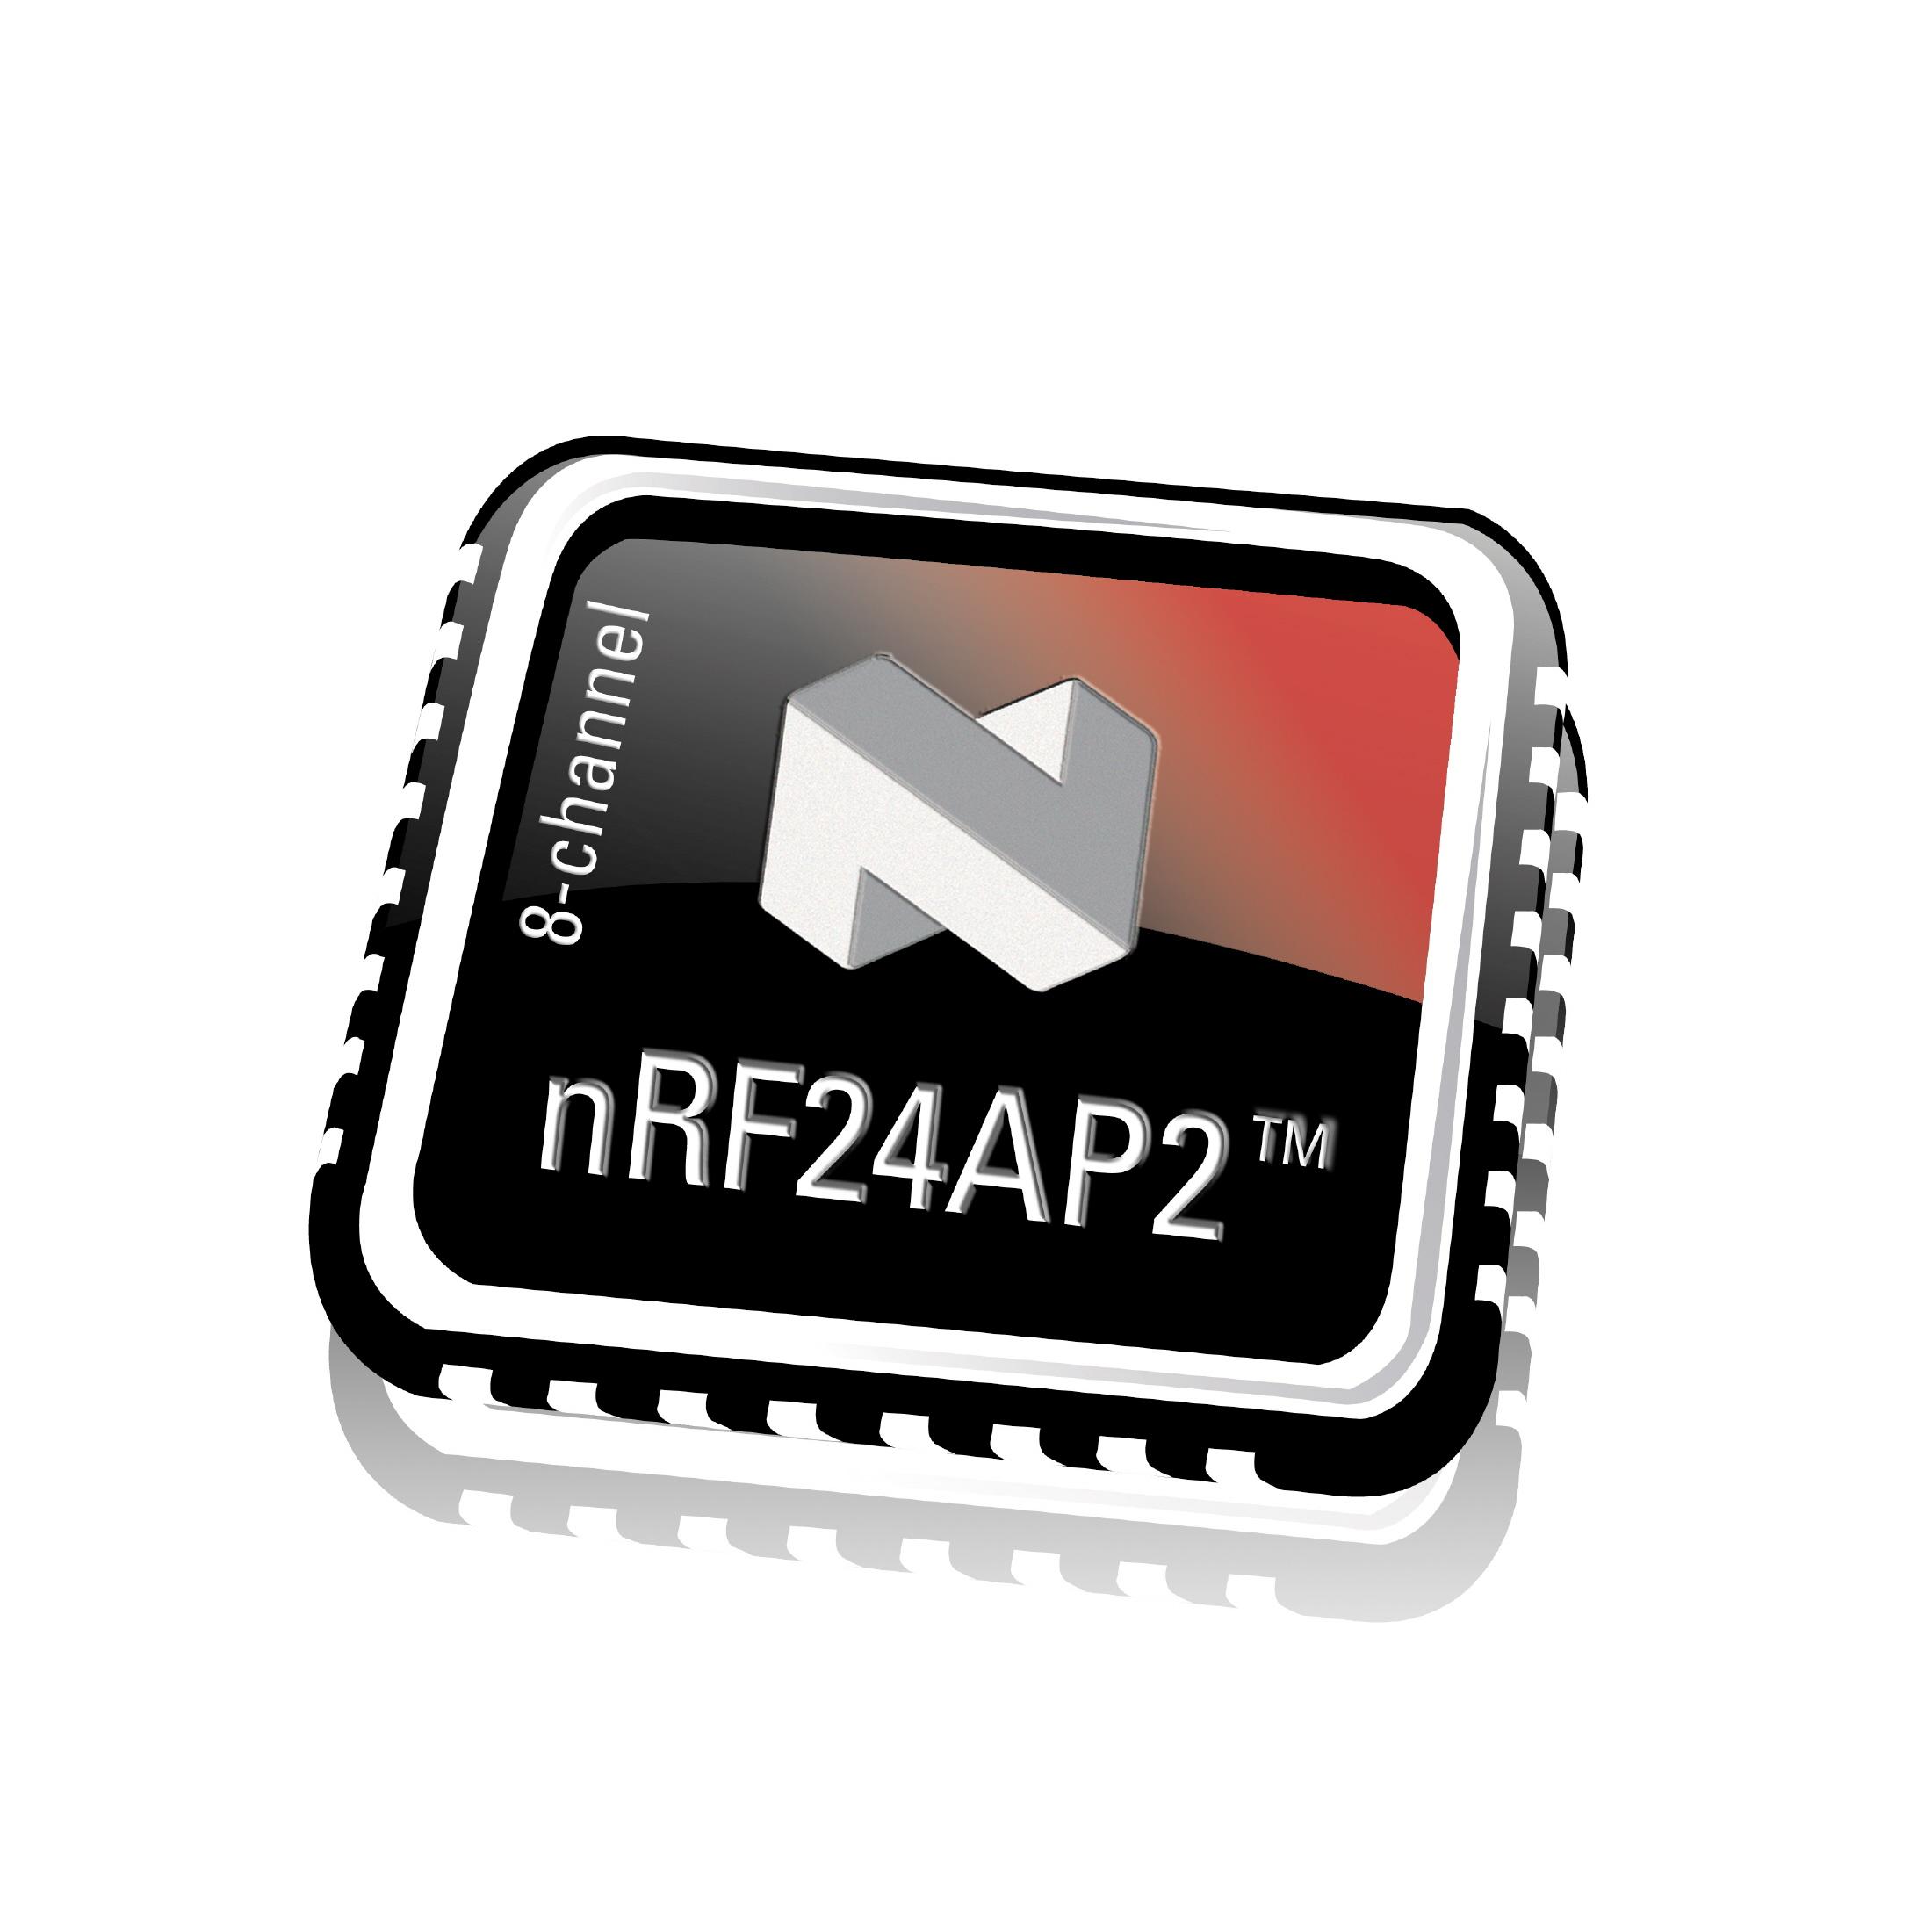 AUG09 Nordic nRF24AP2 8 chip HR klein